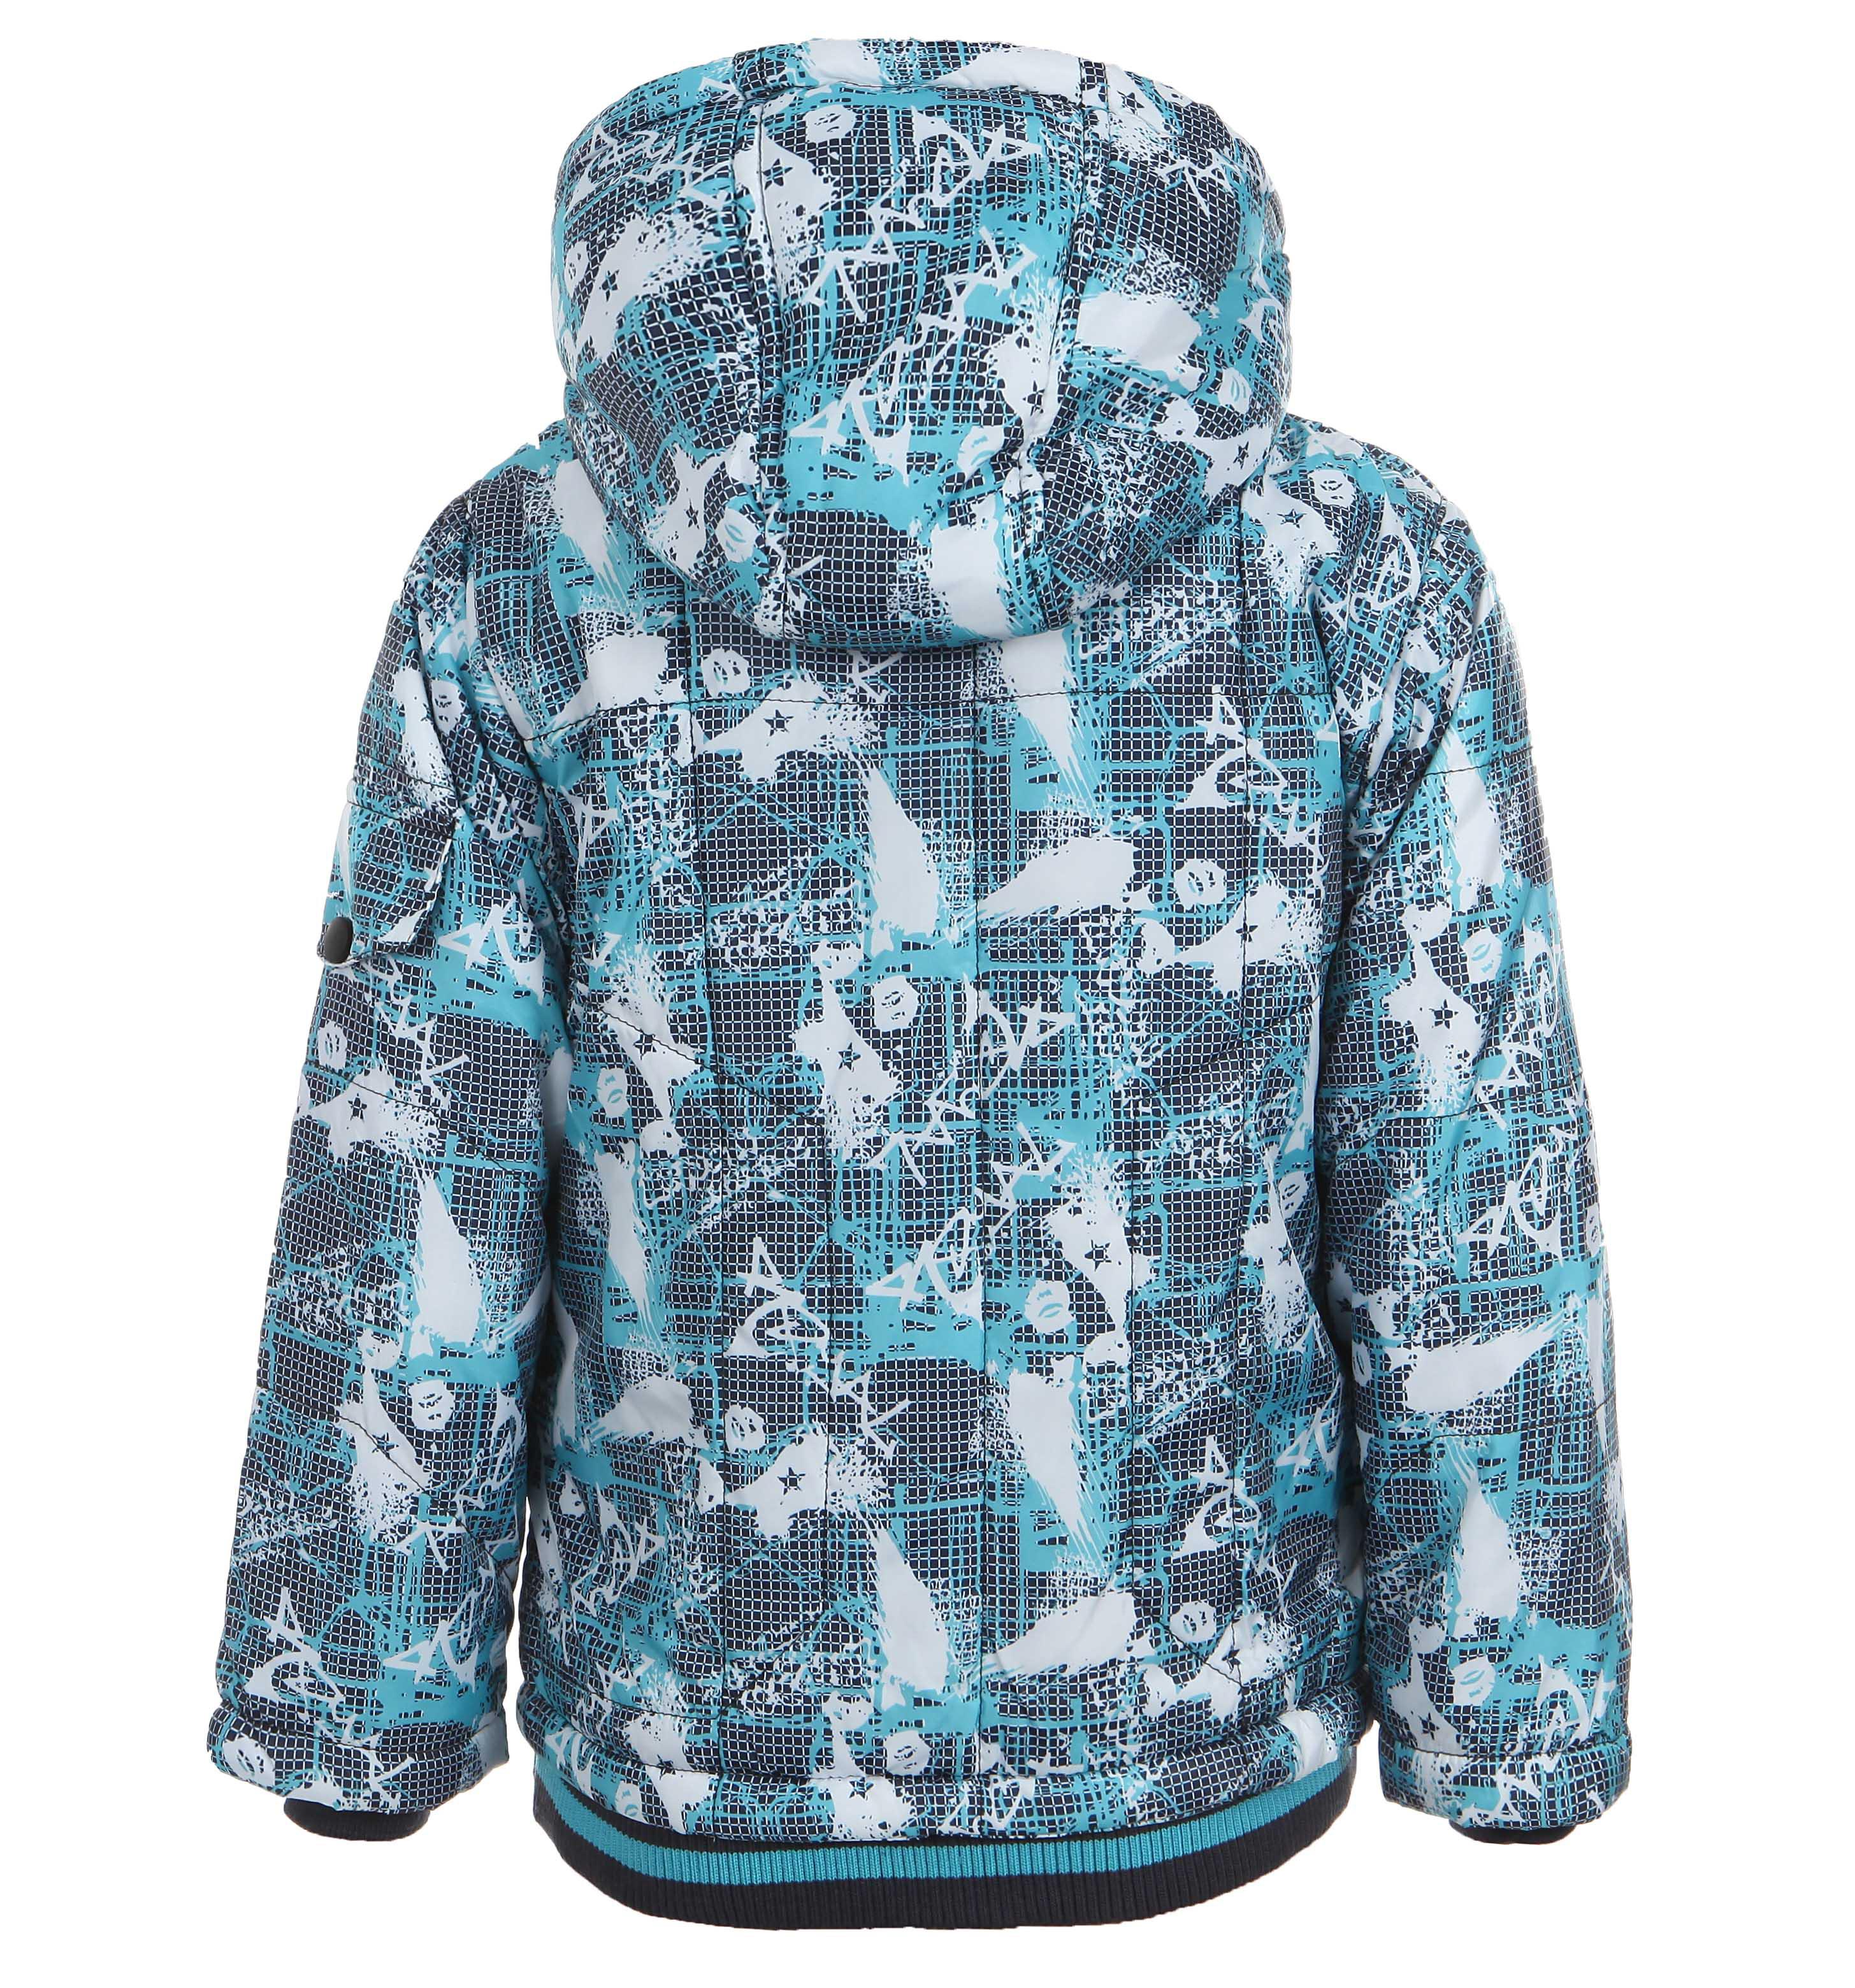 Custom made jackets (37)